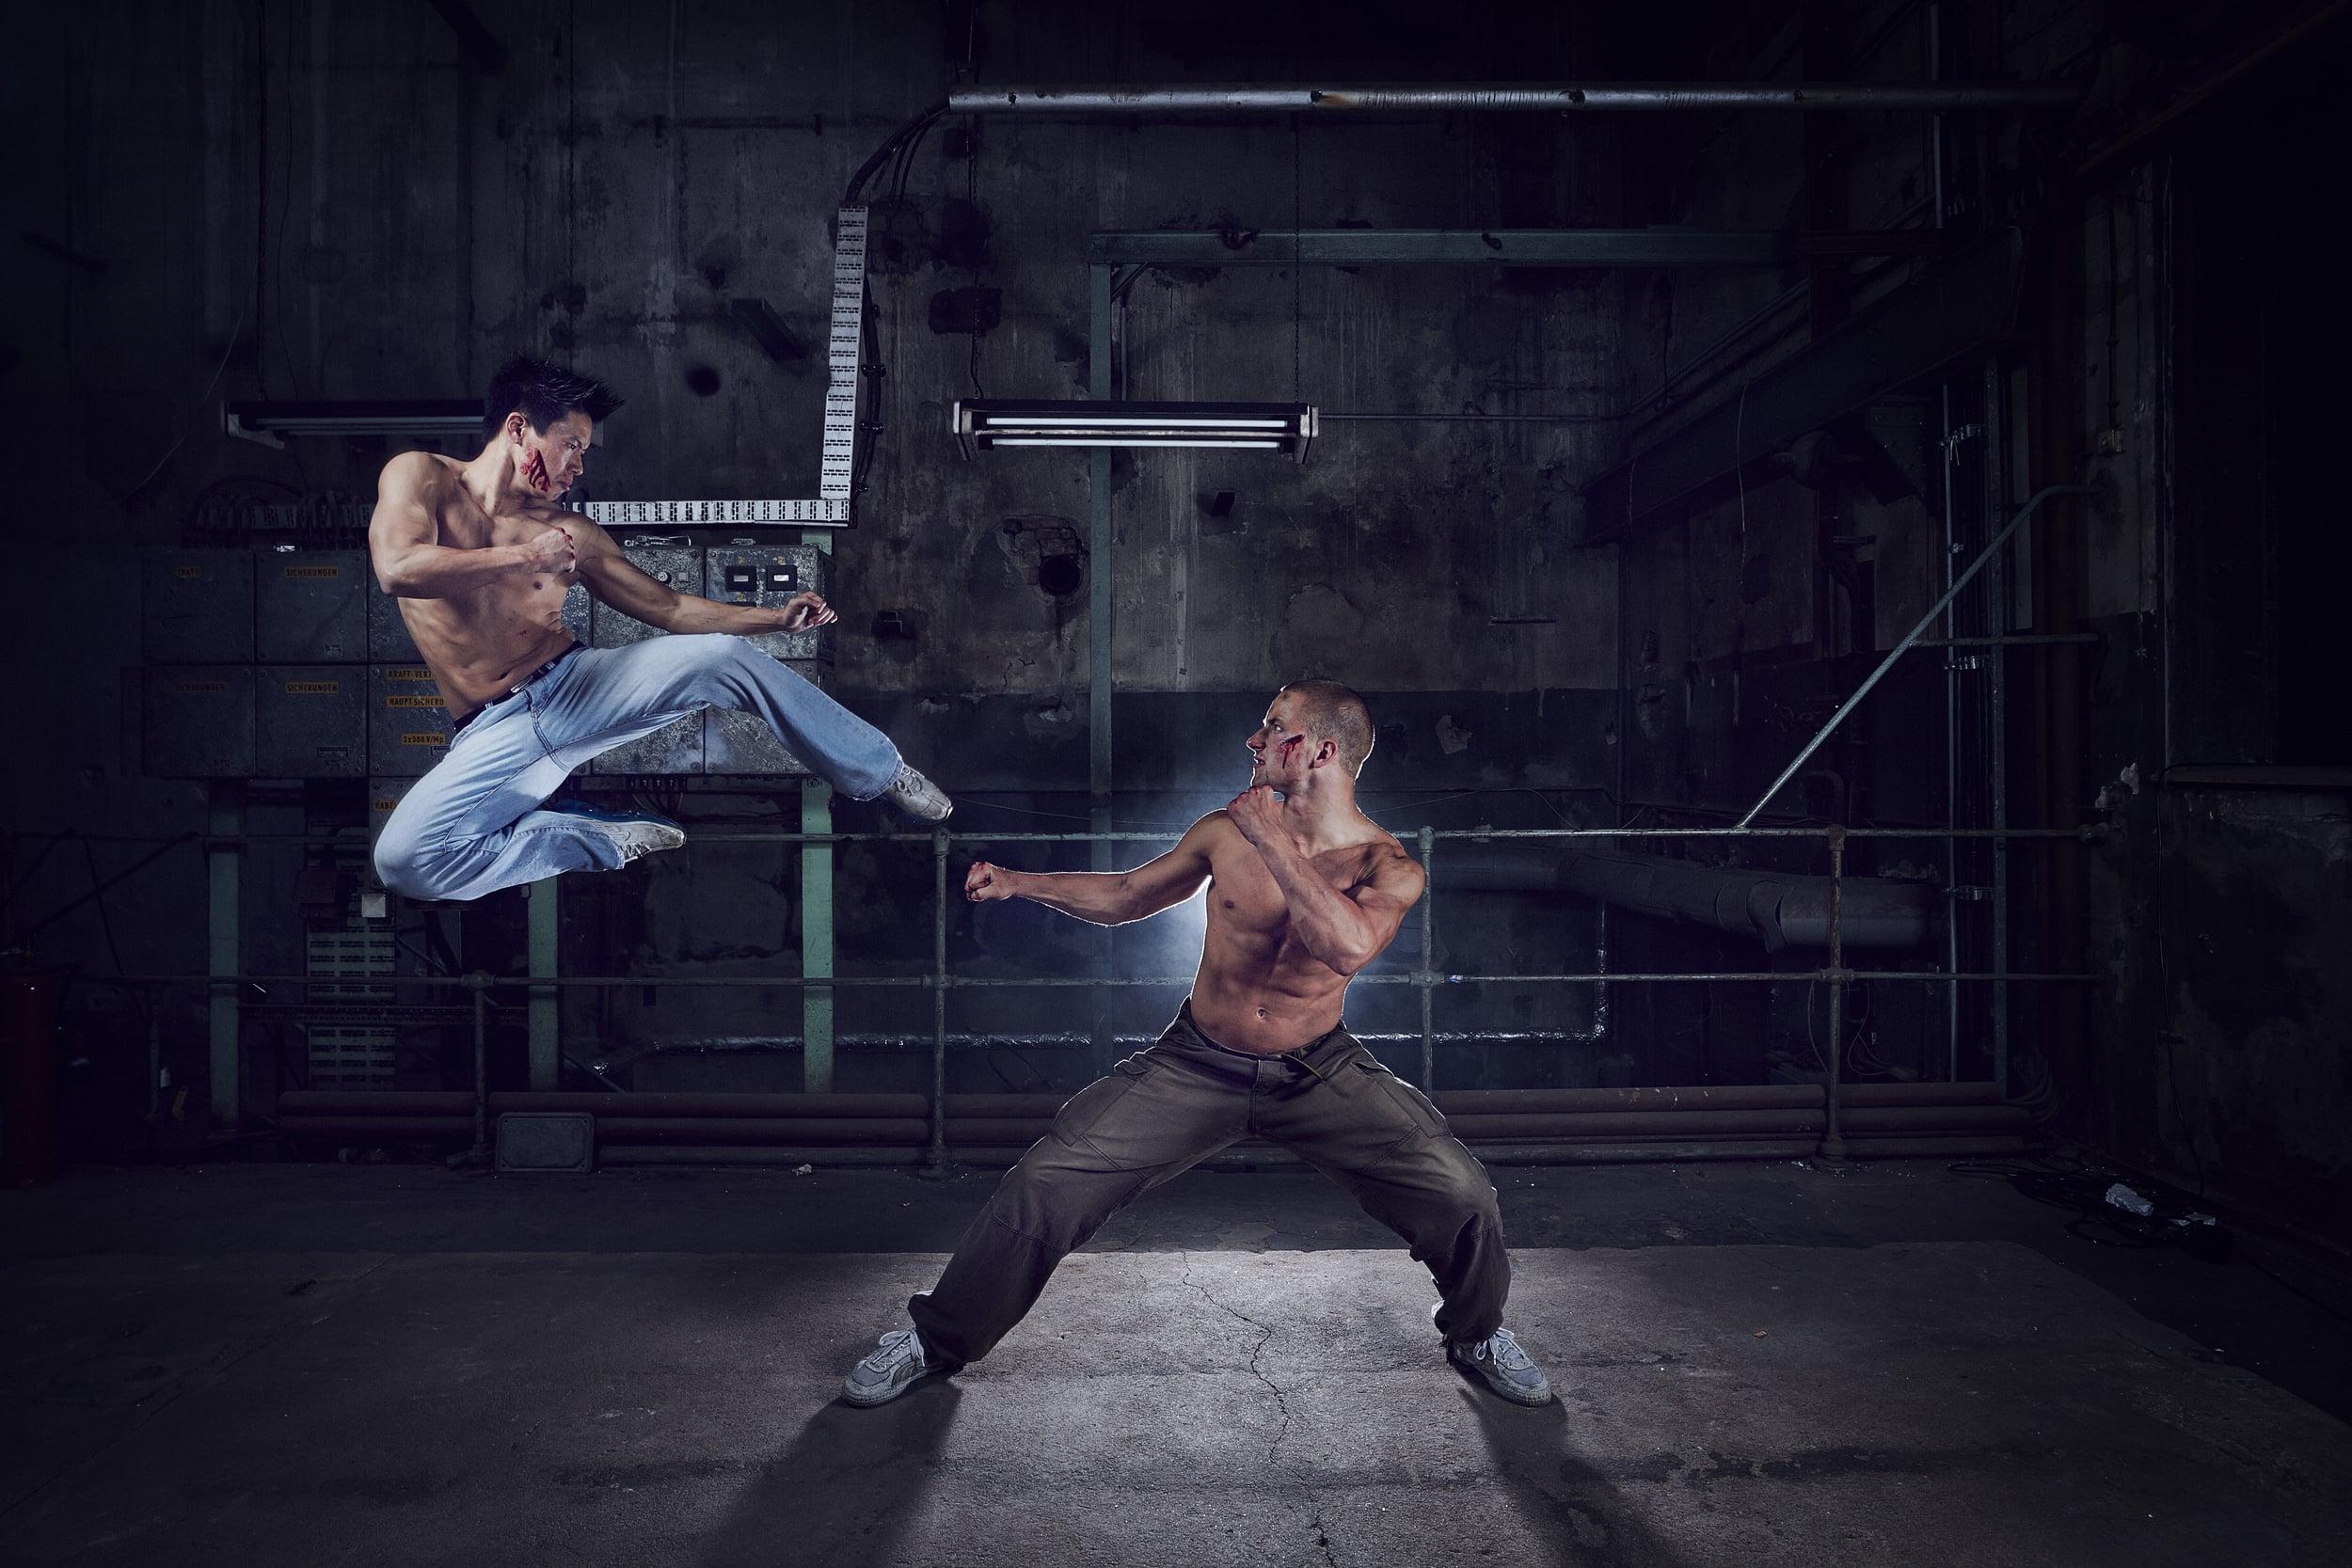 fight_MG_1758_1500PX_SRGB.jpg